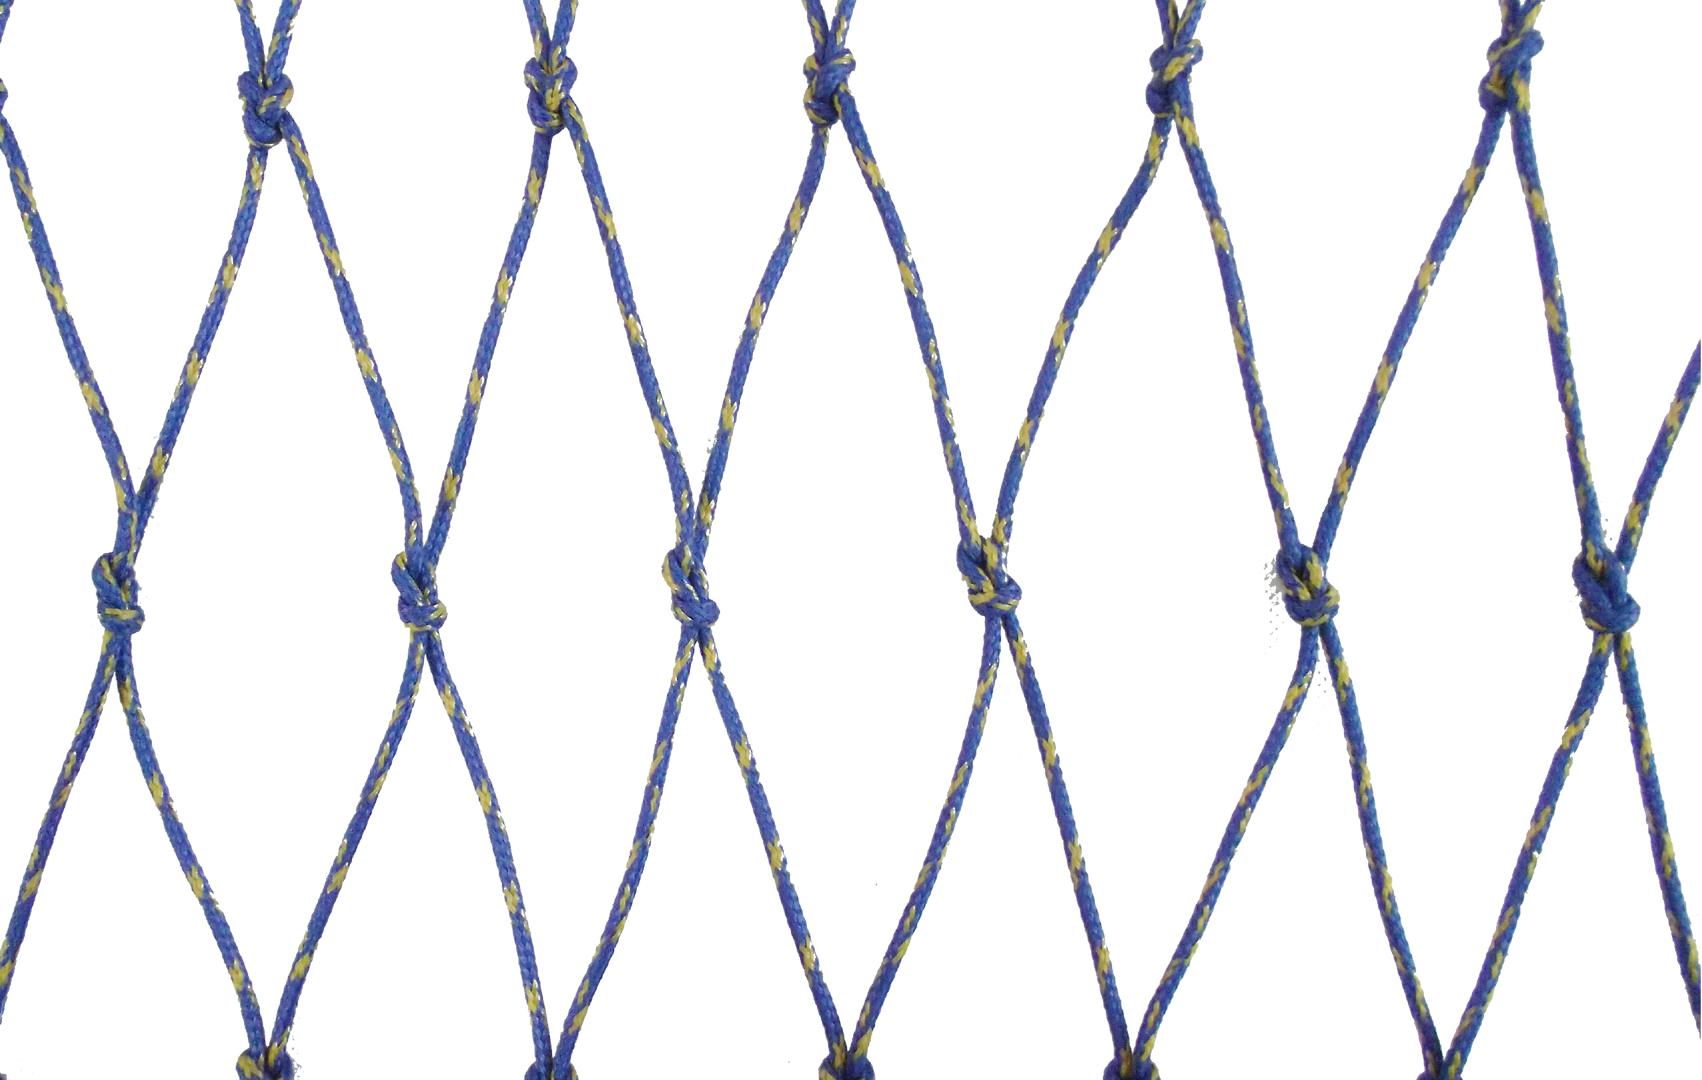 Fishing Polyethylene Rope